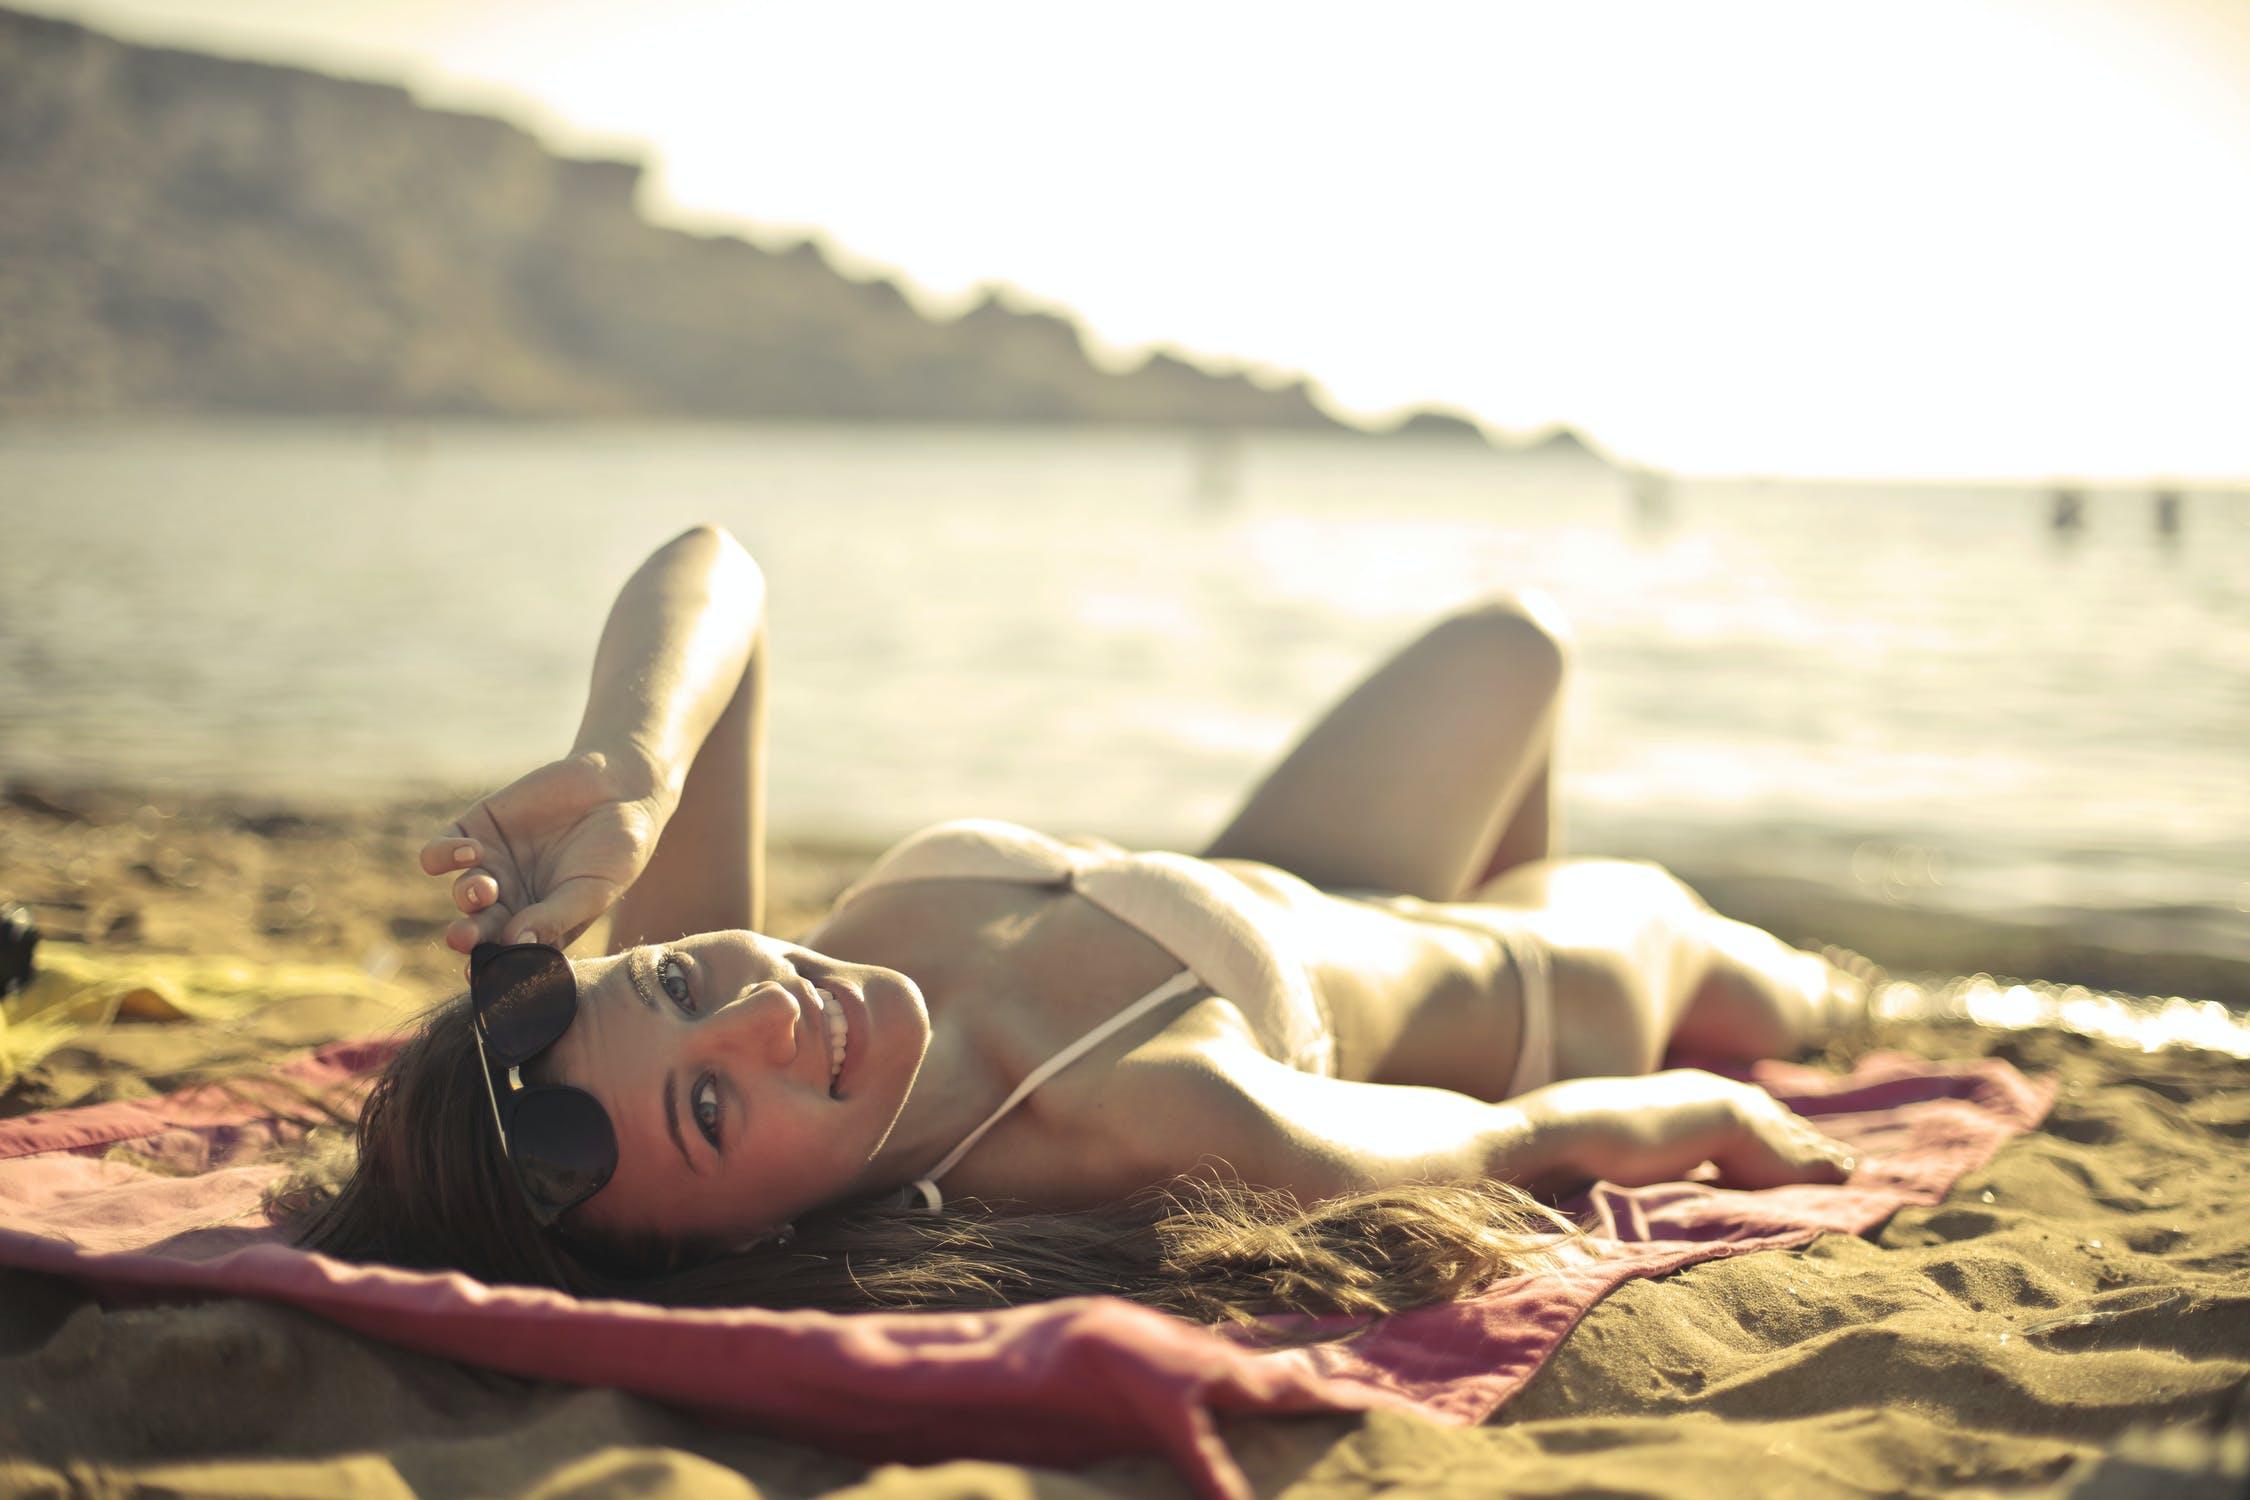 Zaštita od sunca kojoj vaša koža i morski ekosistem kažu hvala